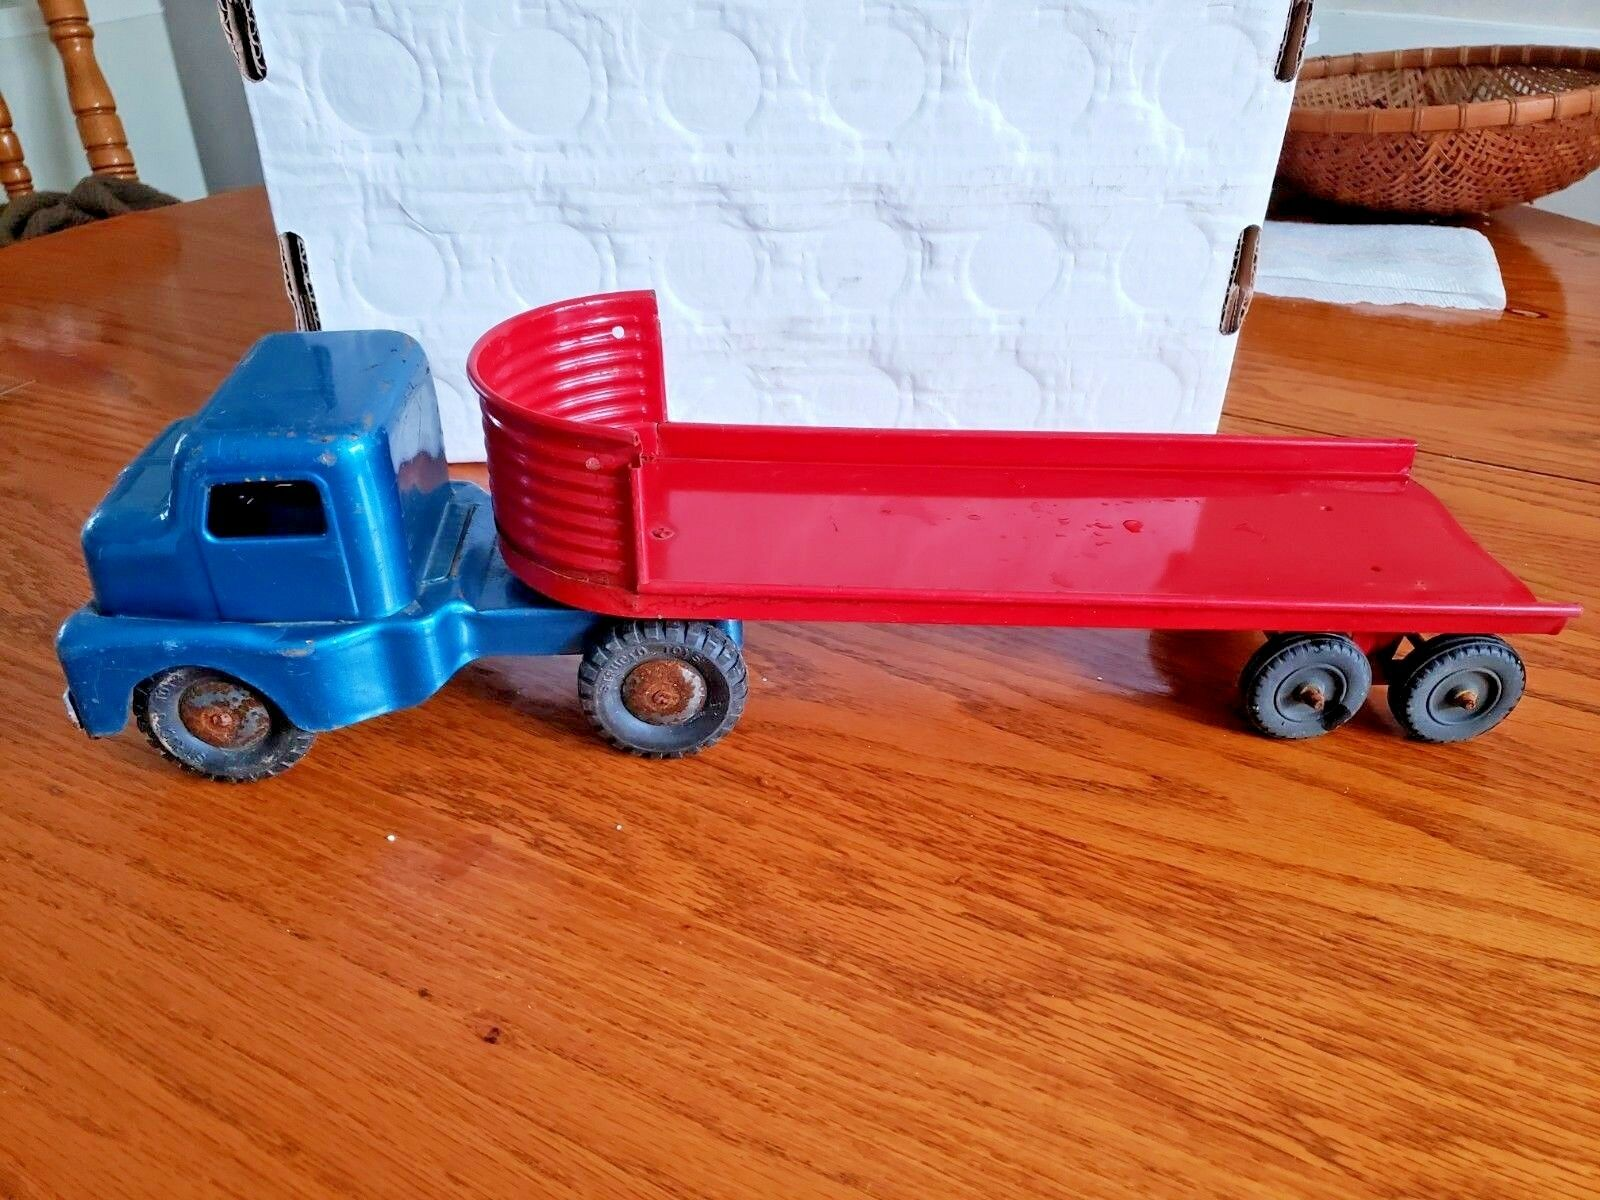 ordene ahora los precios más bajos Structo Camión de de de grano de Cochega de cama plana de acero prensado década de 1950  muy popular